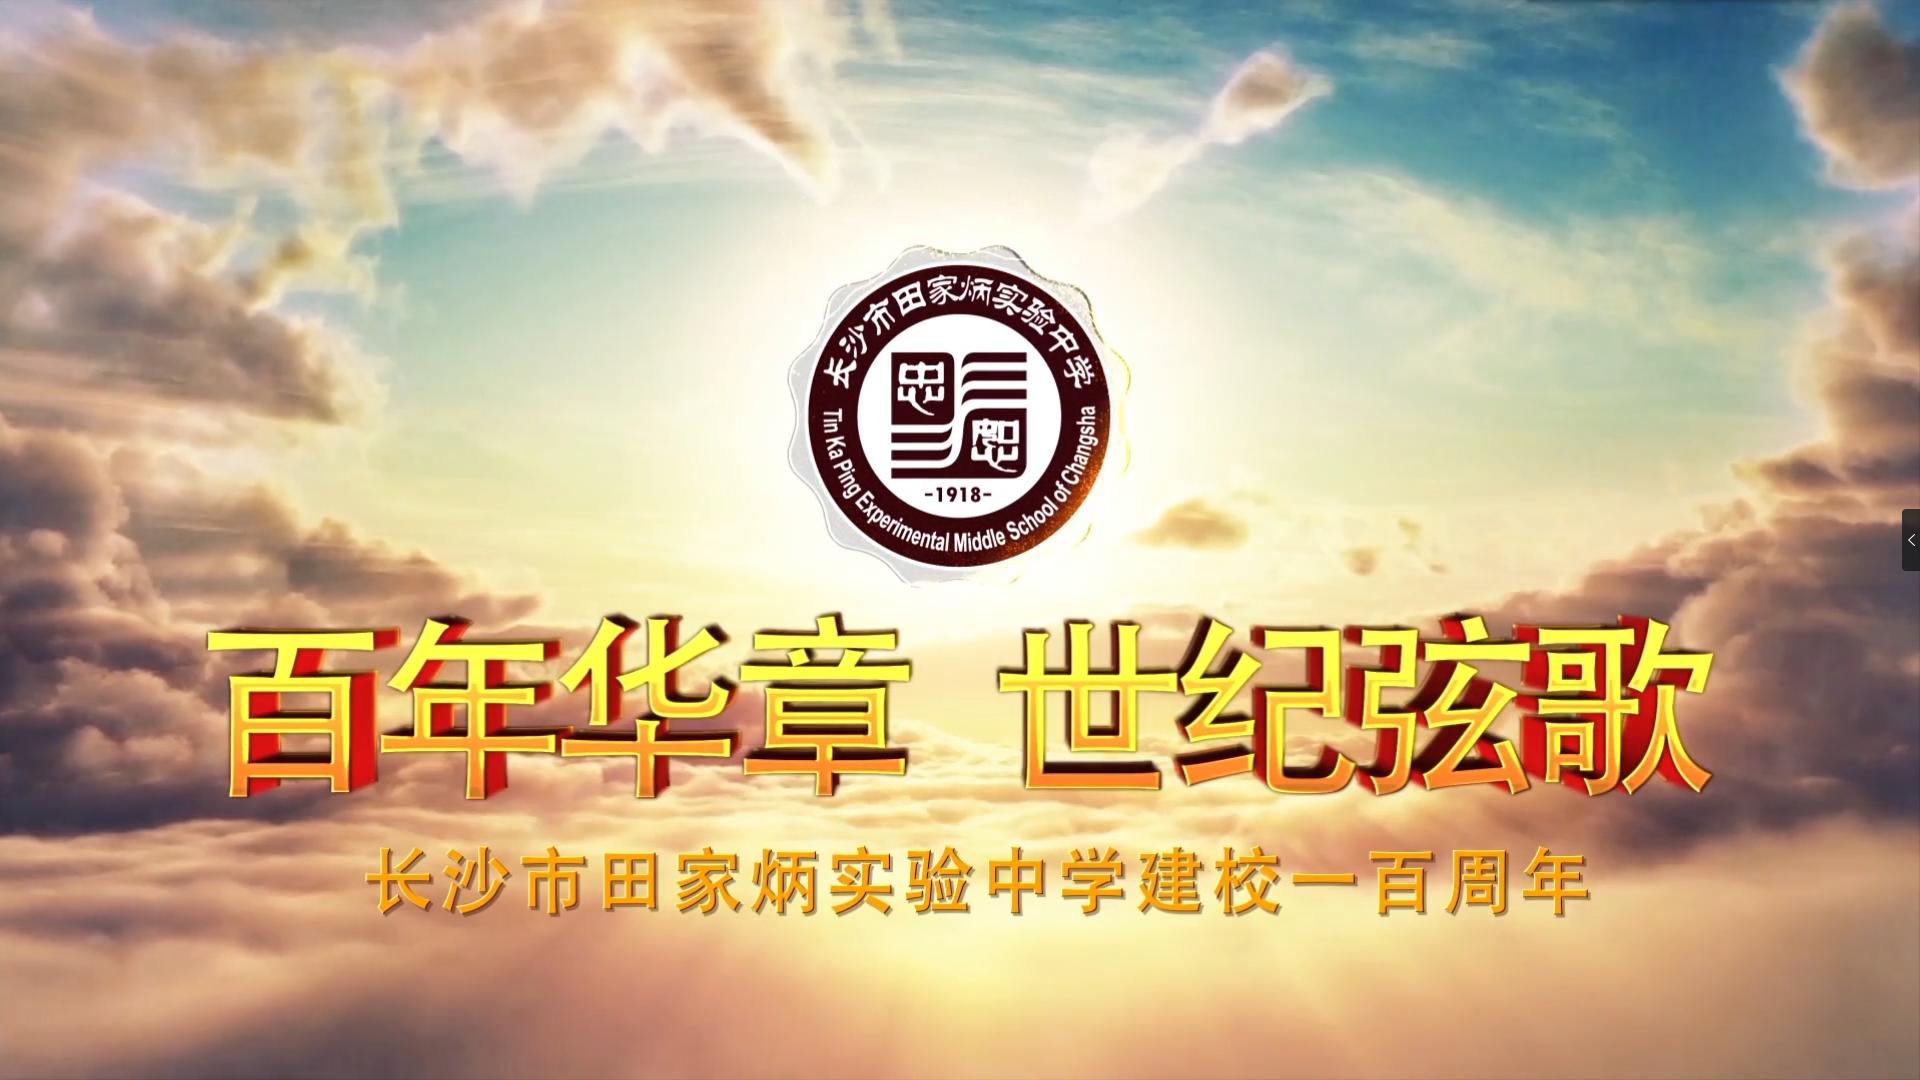 喜庆长沙市田家炳实验中学建校100周年